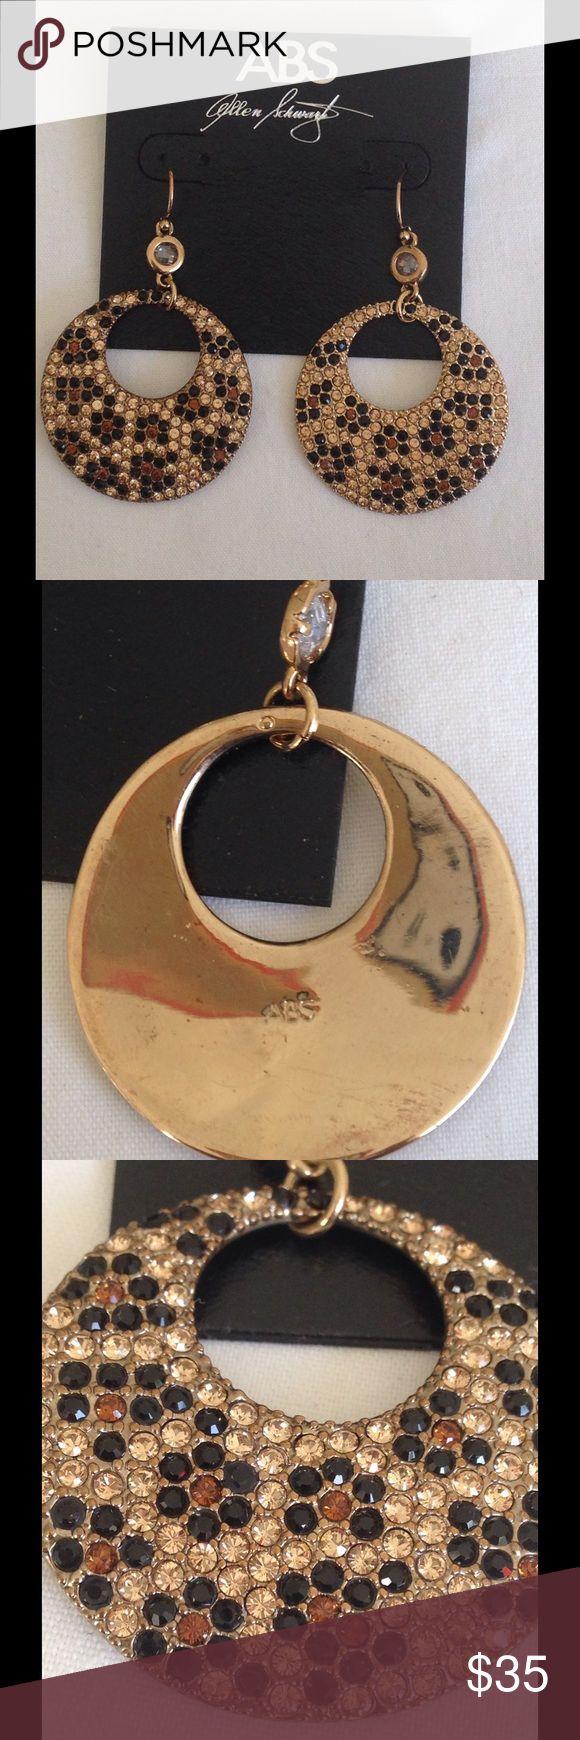 A.B.S By Allen Schwartz Animal Print Earrings Elegant Animal print skin deep pave door knocker earrings with french hook. 2.5 L by 1.5W A.B.S By Allen Schwartz Jewelry Earrings